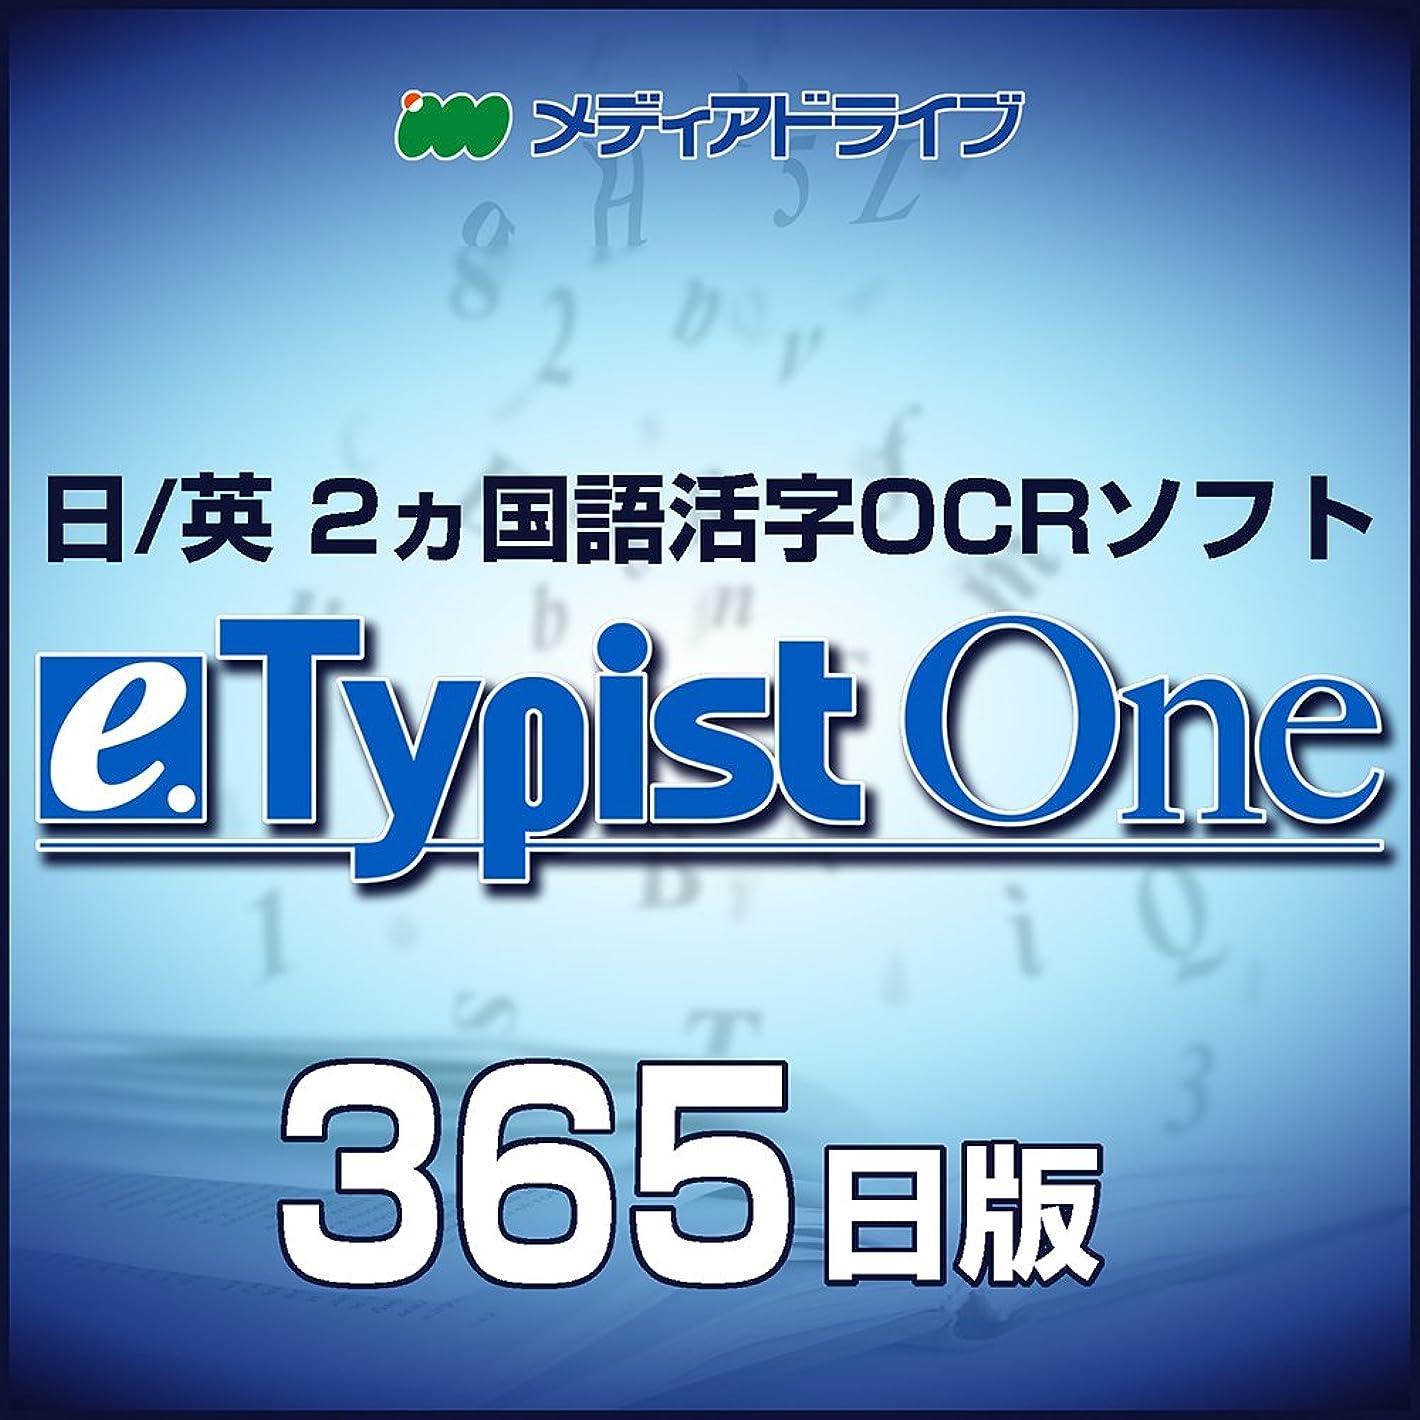 旅行者学習トラブルe.Typist One 365日版|ダウンロード版